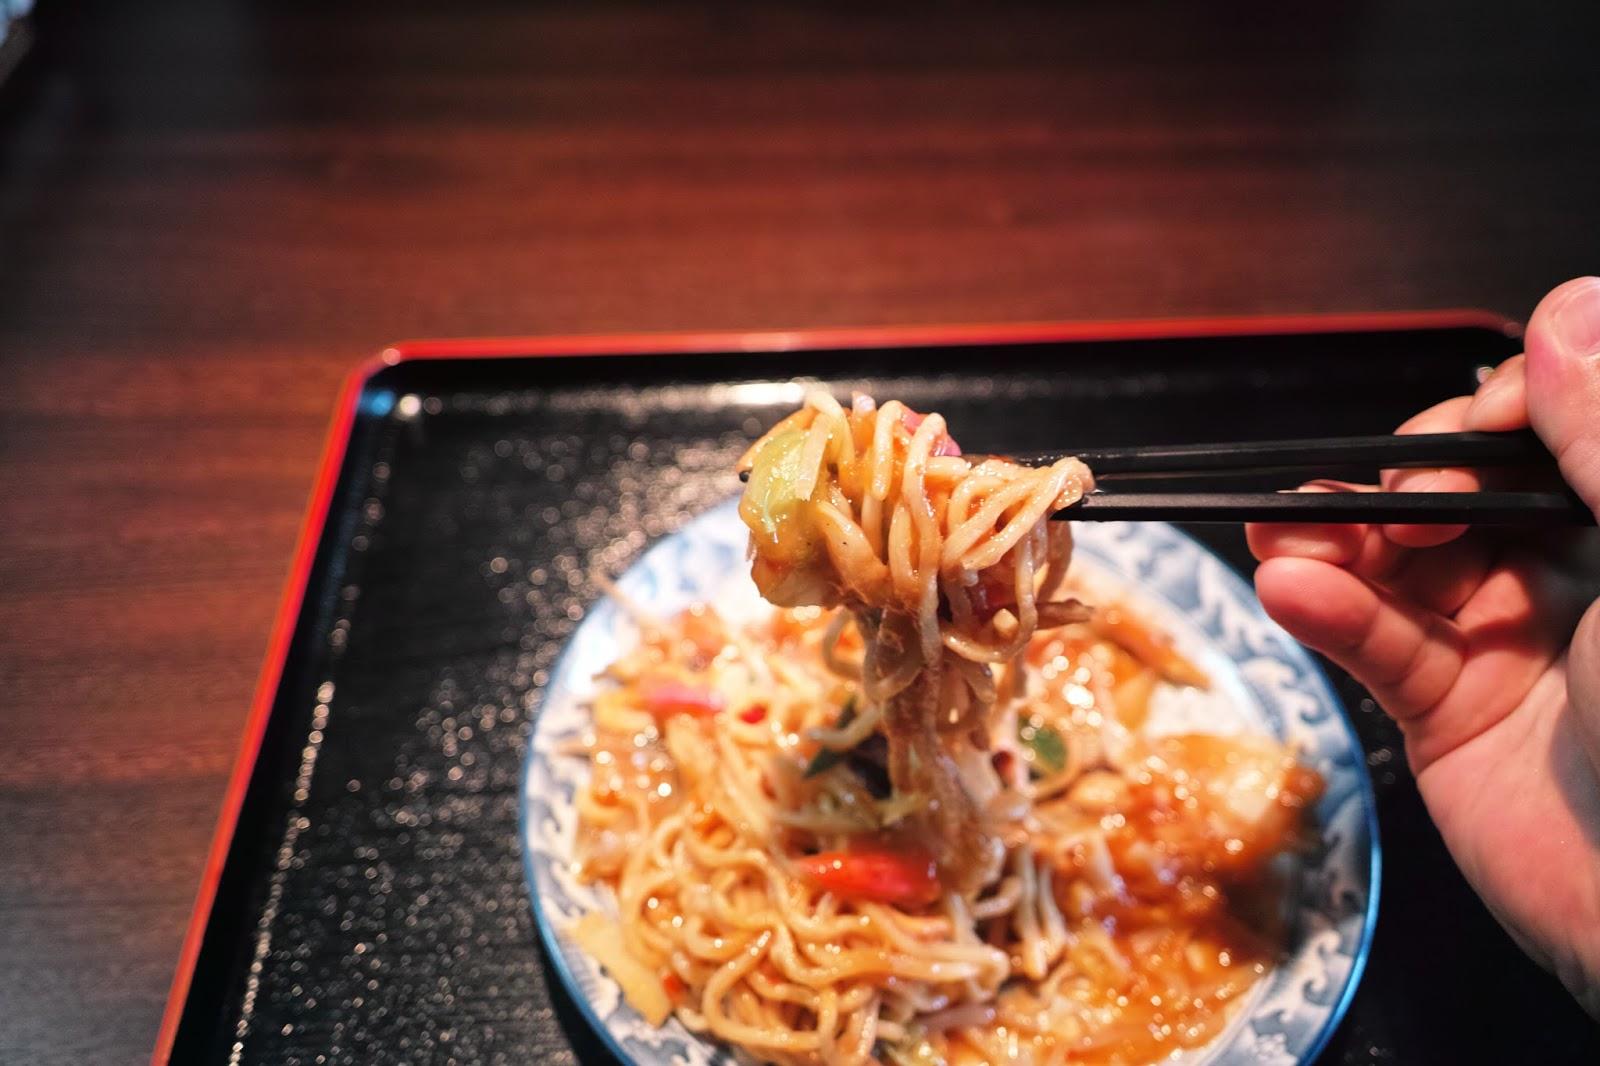 中華菜館 五丈原(ごじょうげん)